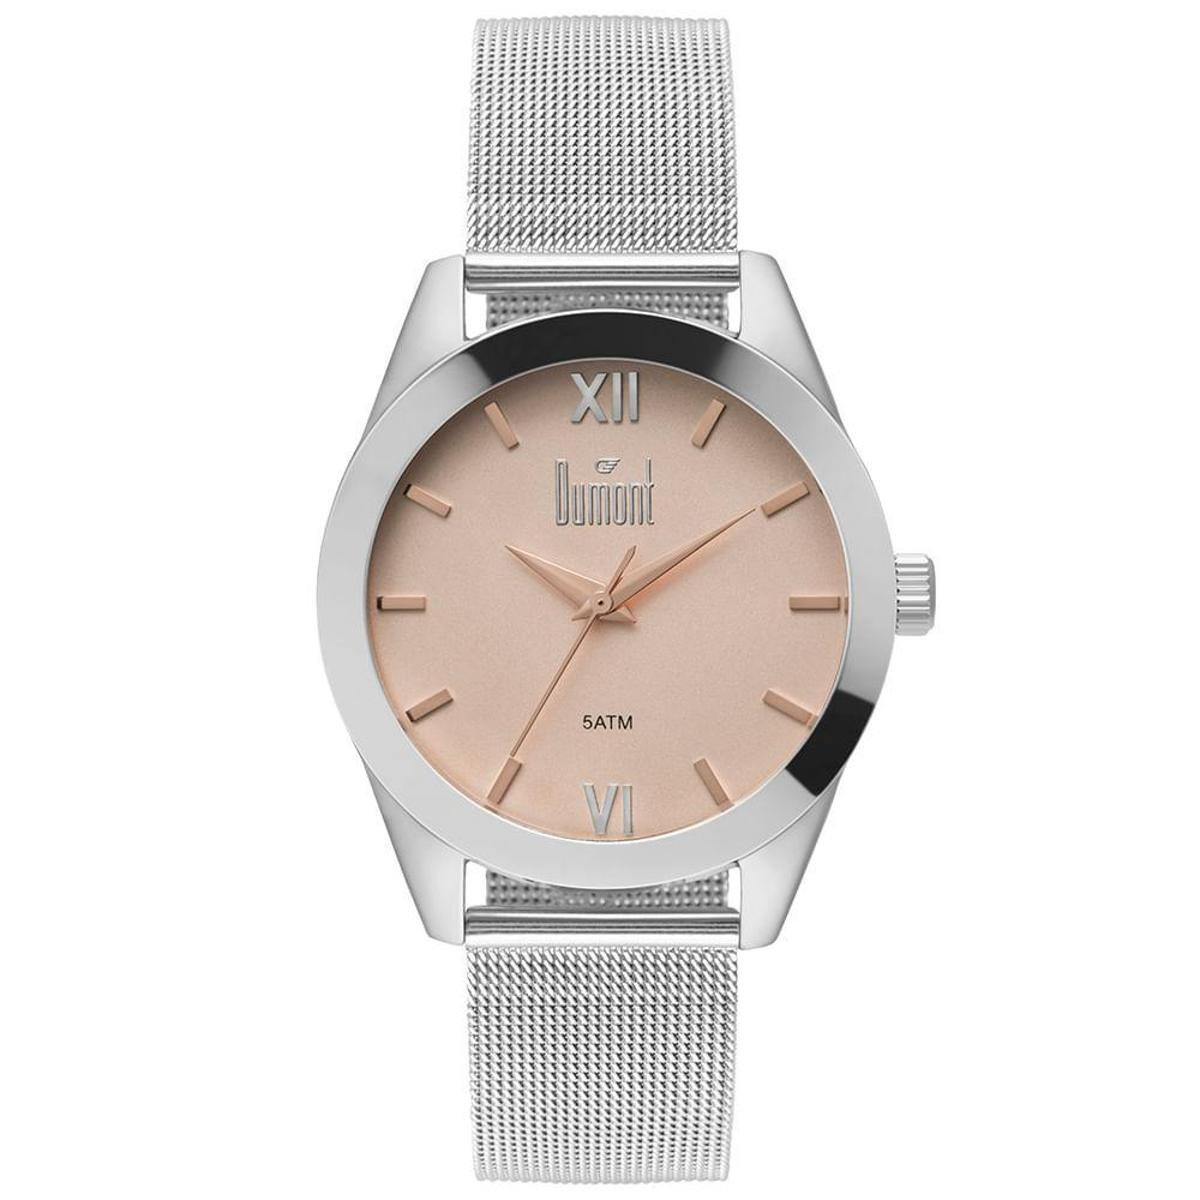 ae891afb2c2 ... Relógio TECHNOS Feminino Elegance Cerâmica 2015BV4B ...